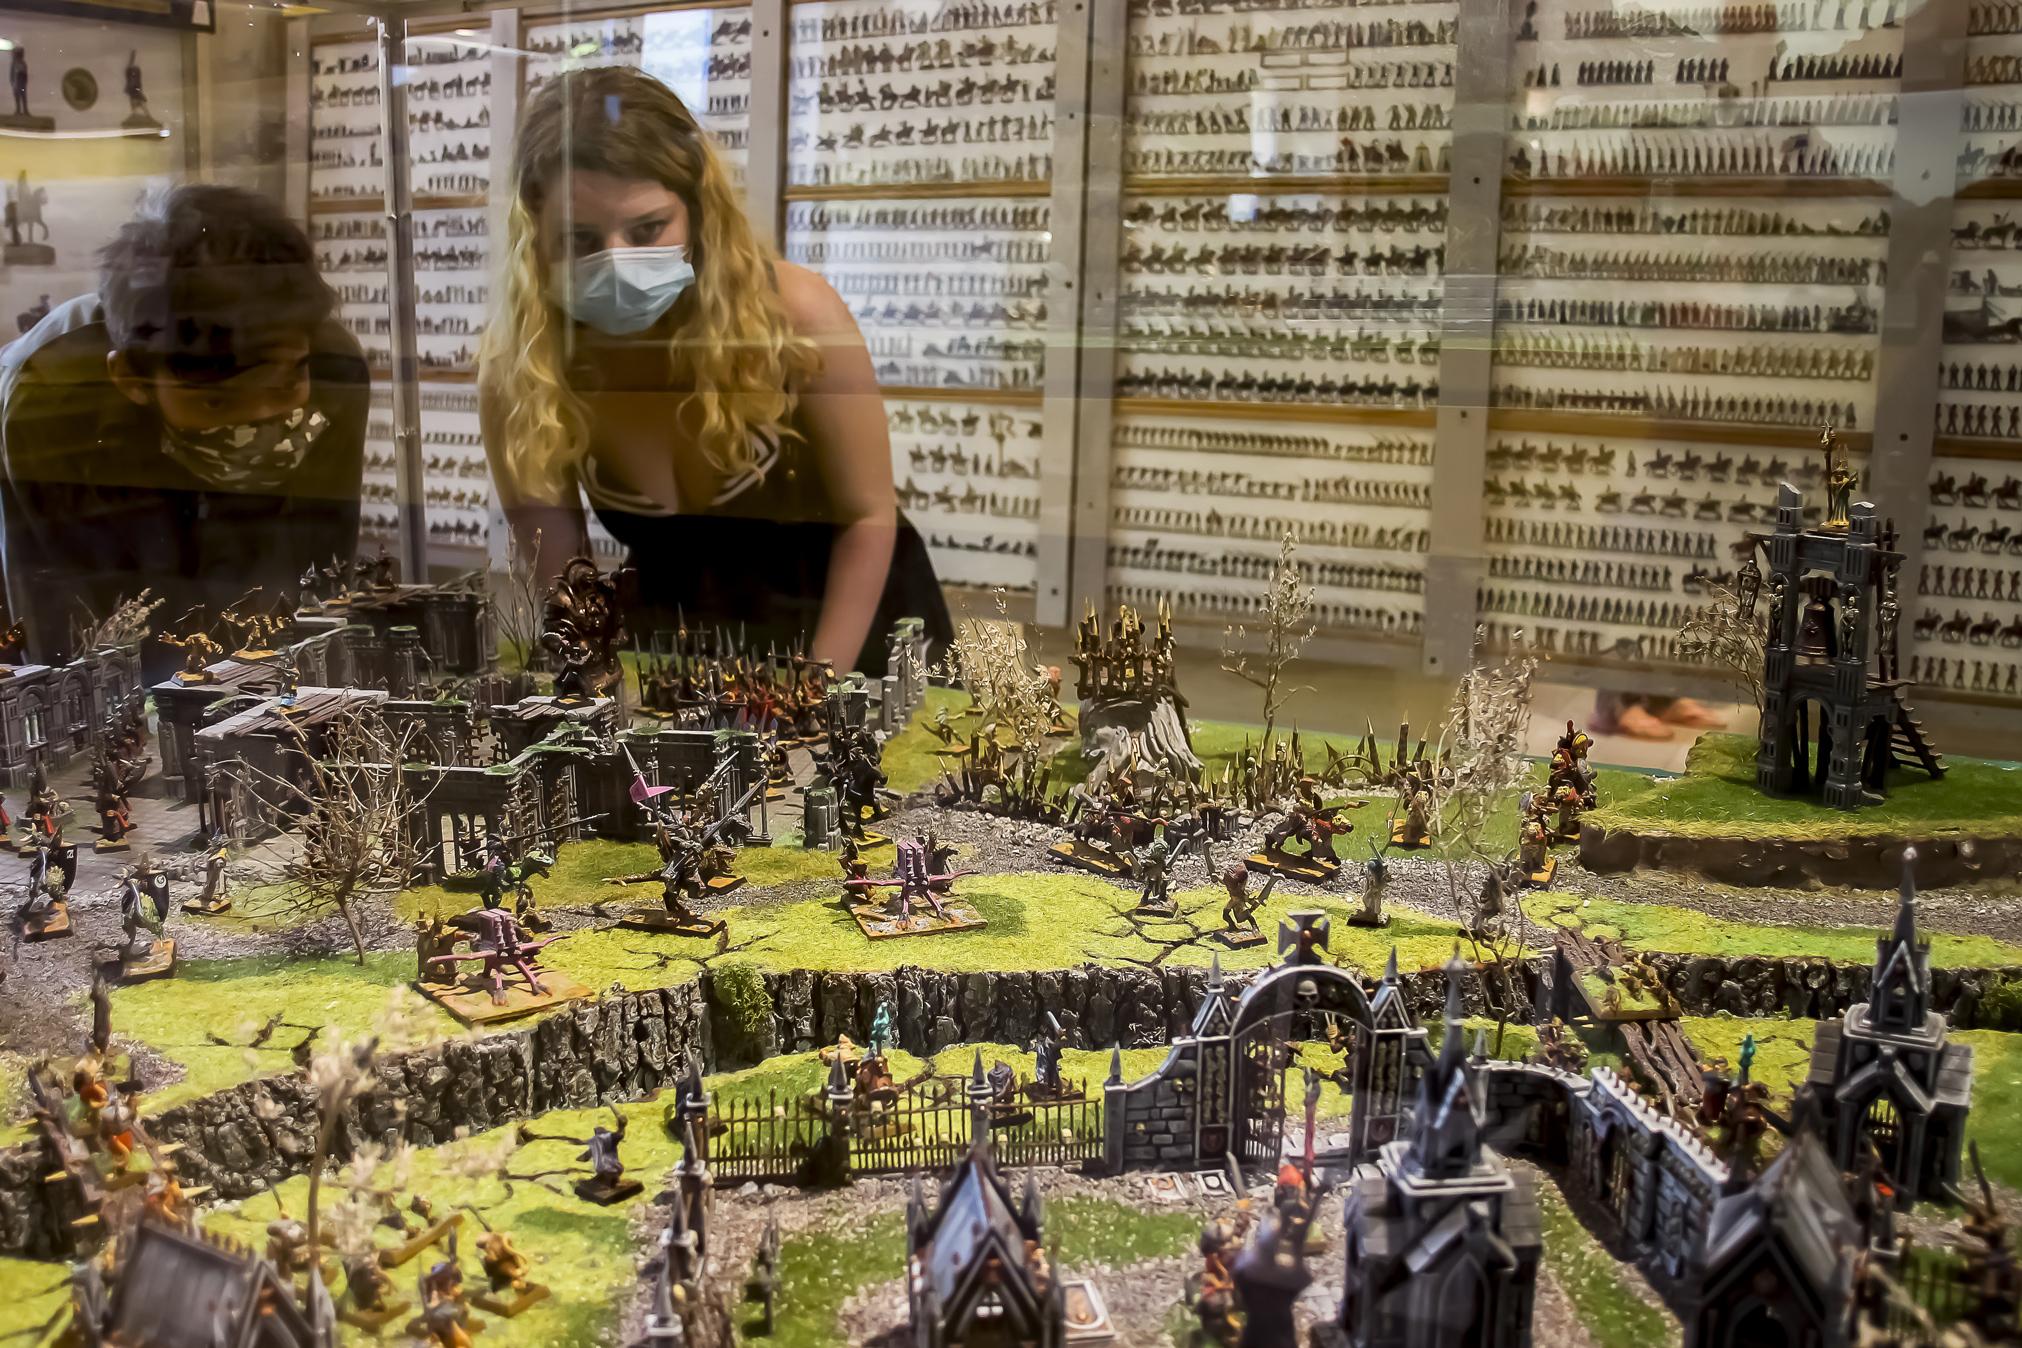 Musée de le Figurine de Tulette - Diorama Warhammer